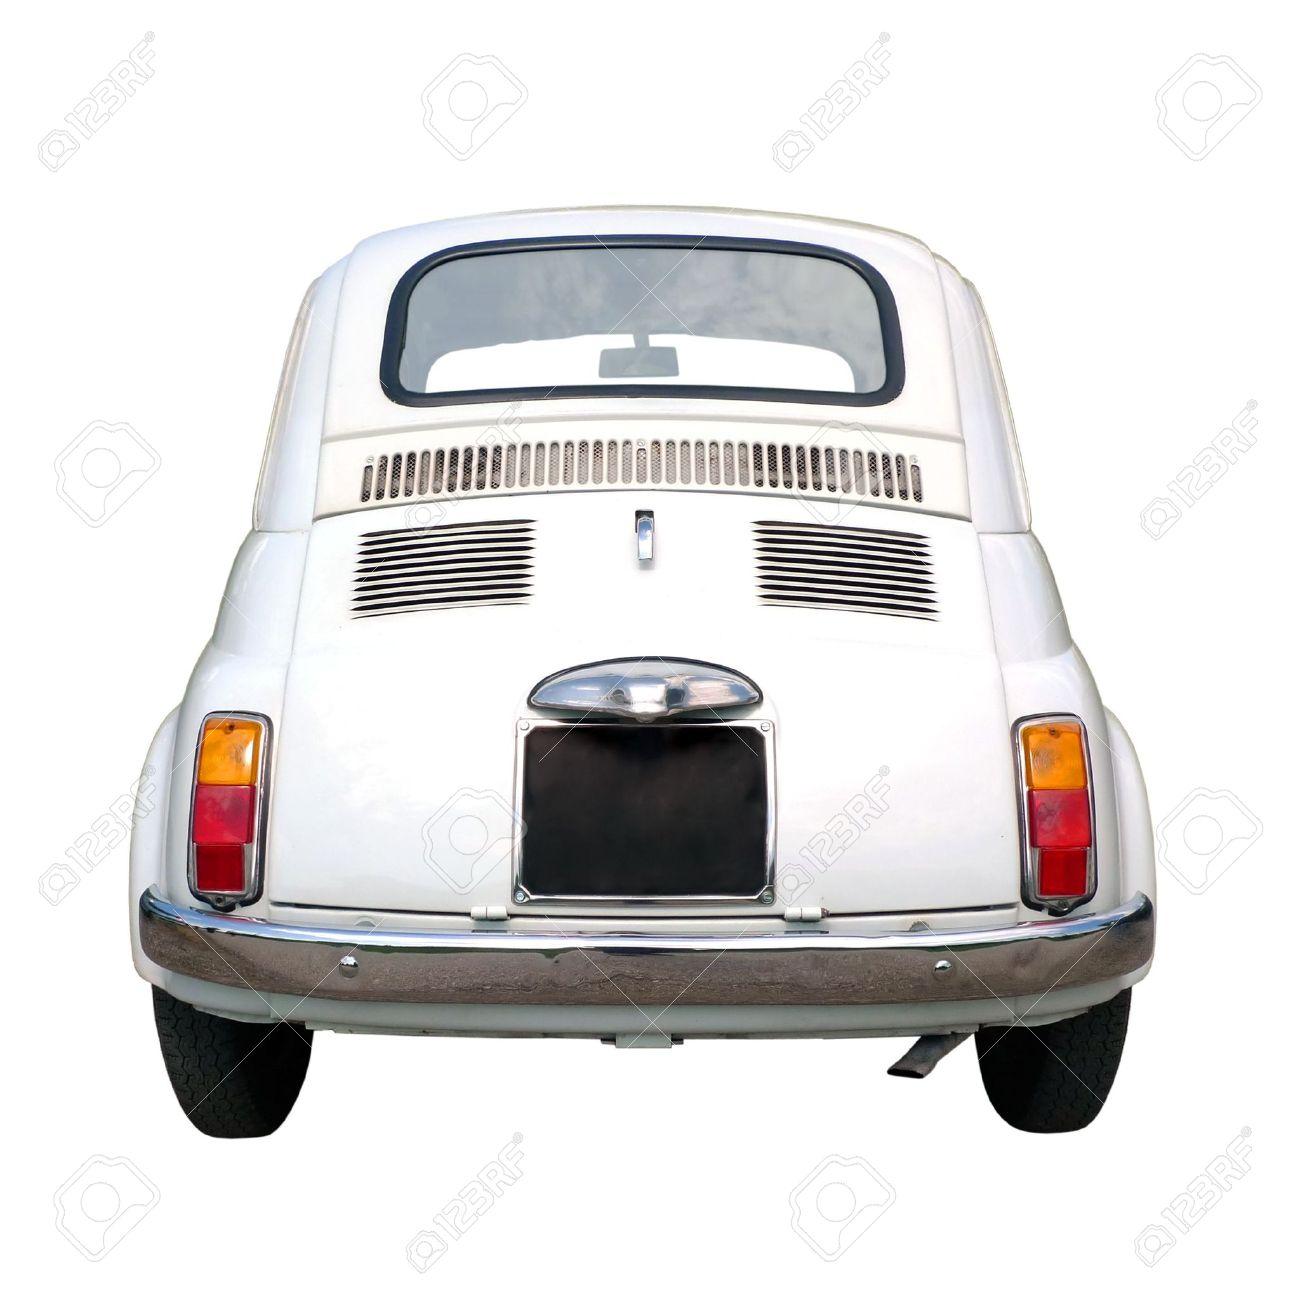 60s vintage car italienisch isoliert auf weißem Hintergrund Standard-Bild - 5119098